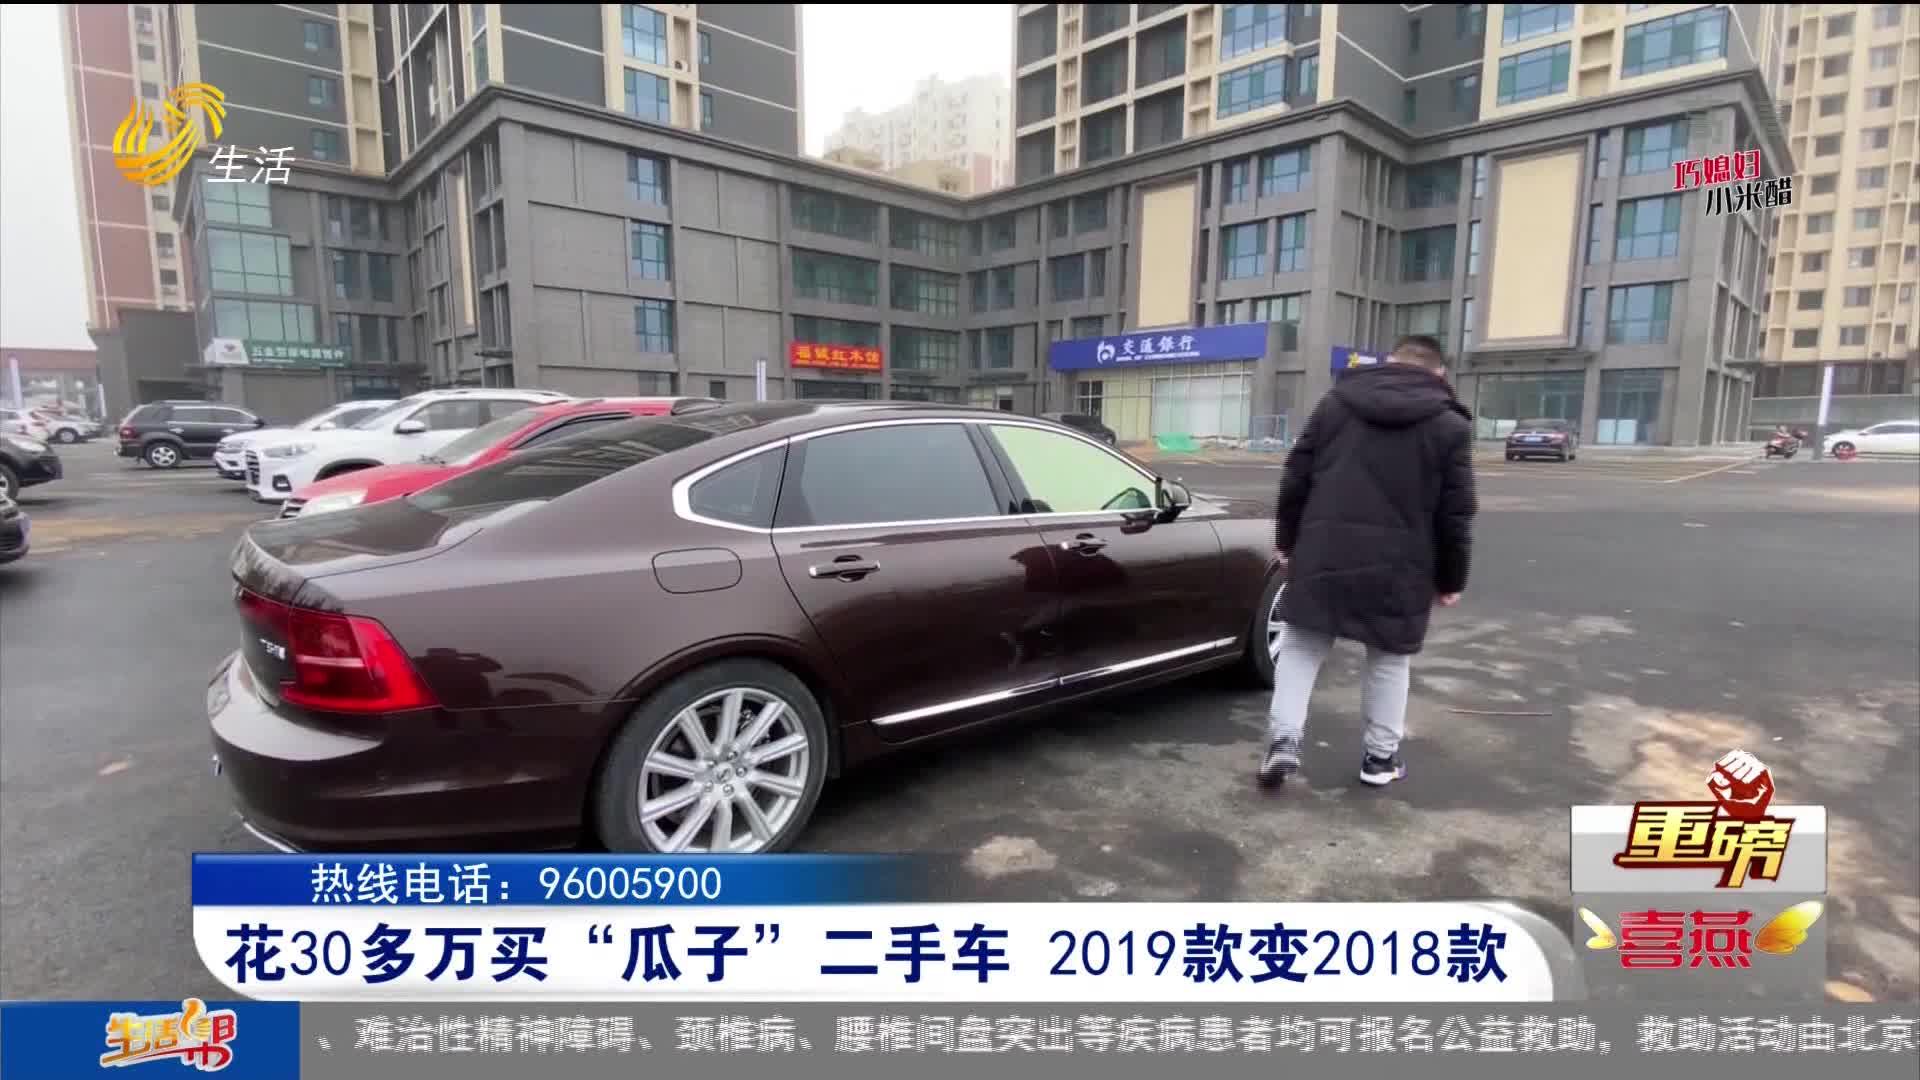 """【重磅】花30多万买""""瓜子""""二手车 2019款变2018款"""